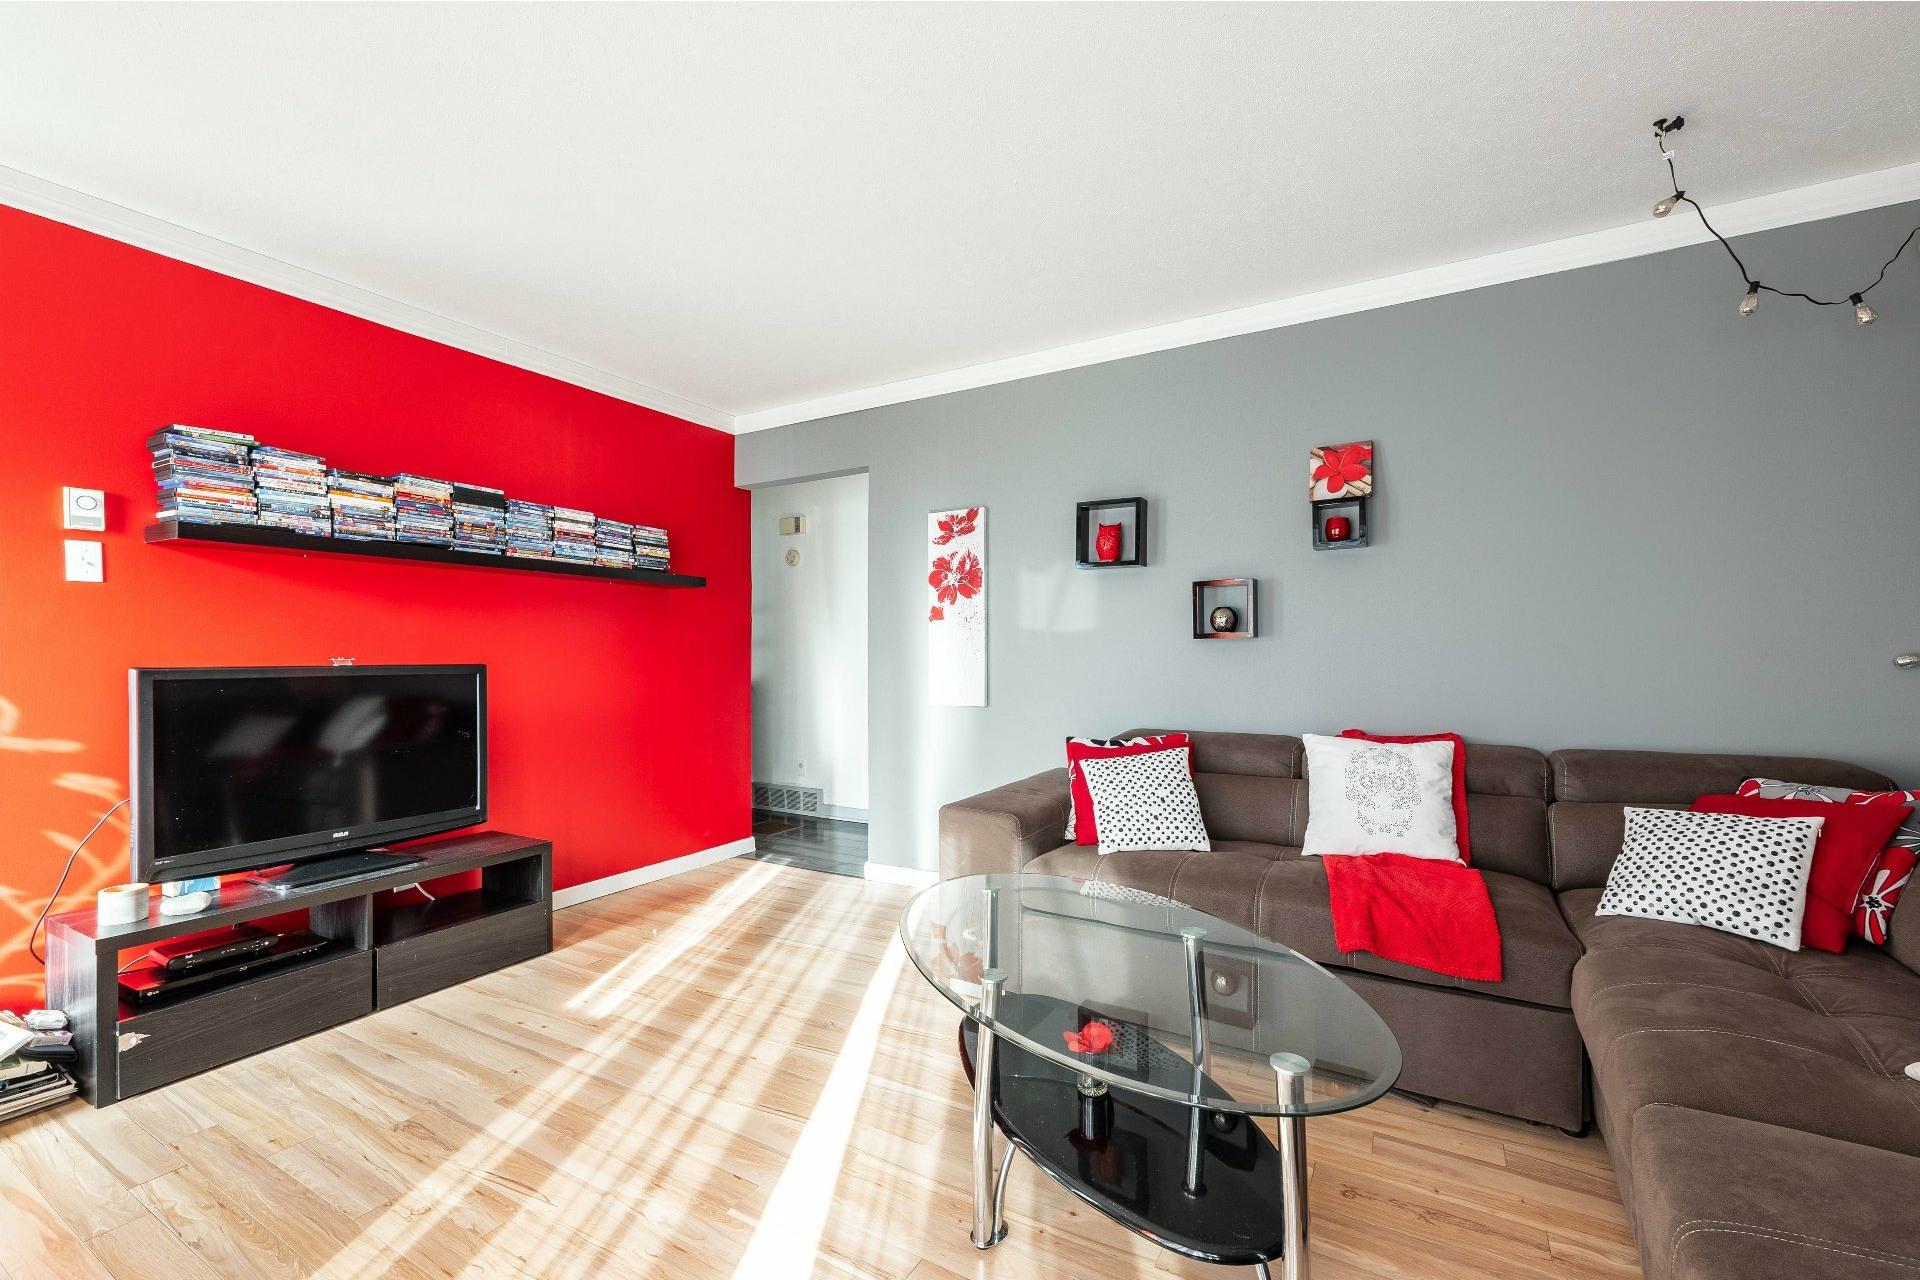 image 3 - Maison À vendre Salaberry-de-Valleyfield - 9 pièces